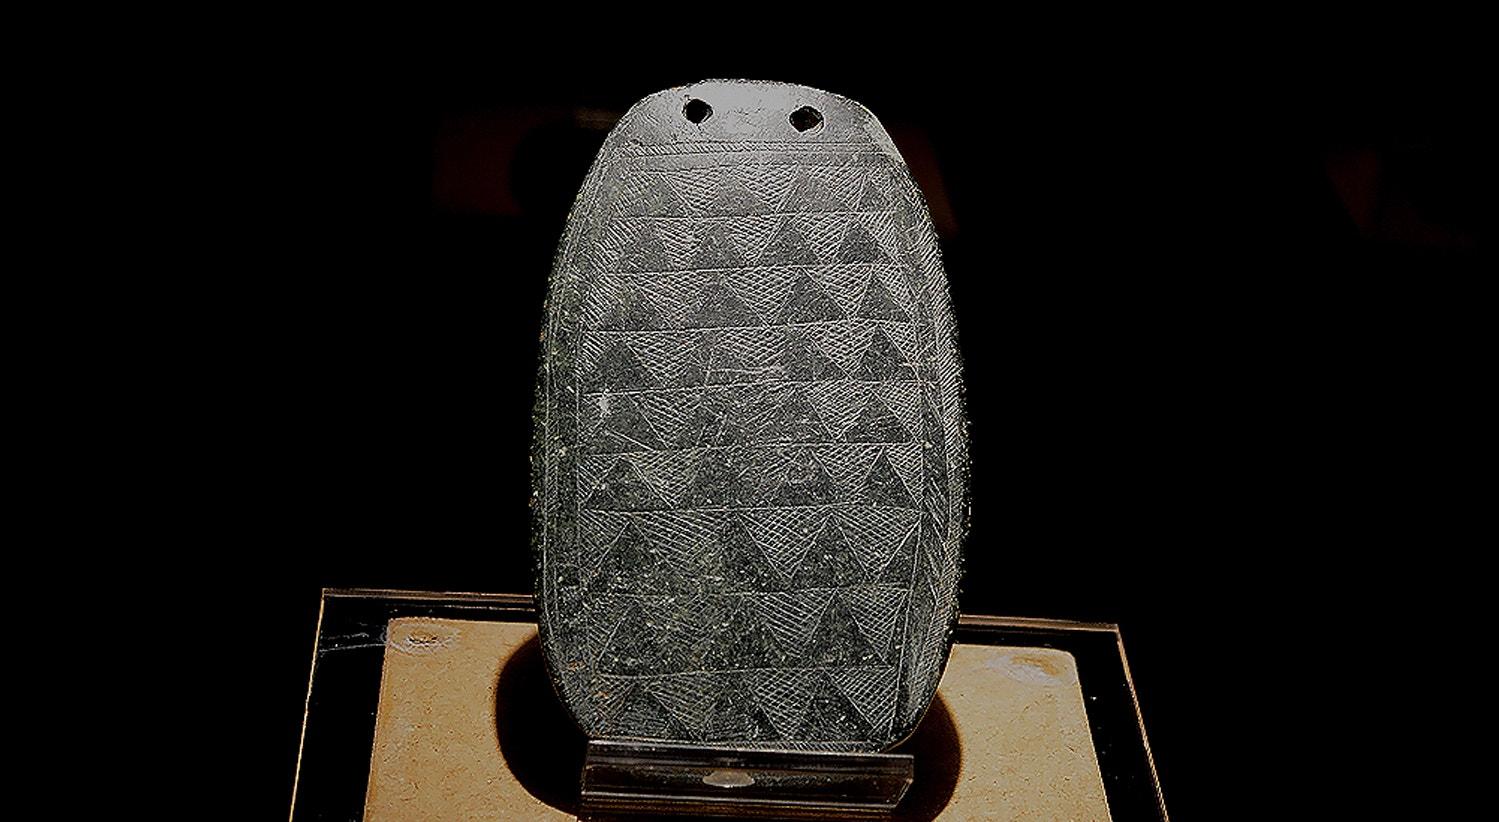 Ídolo placa, xisto, 3000-2500 a.C., Lapa da Galinha, Alcanena, Santarém   Carla Quirino - RTP